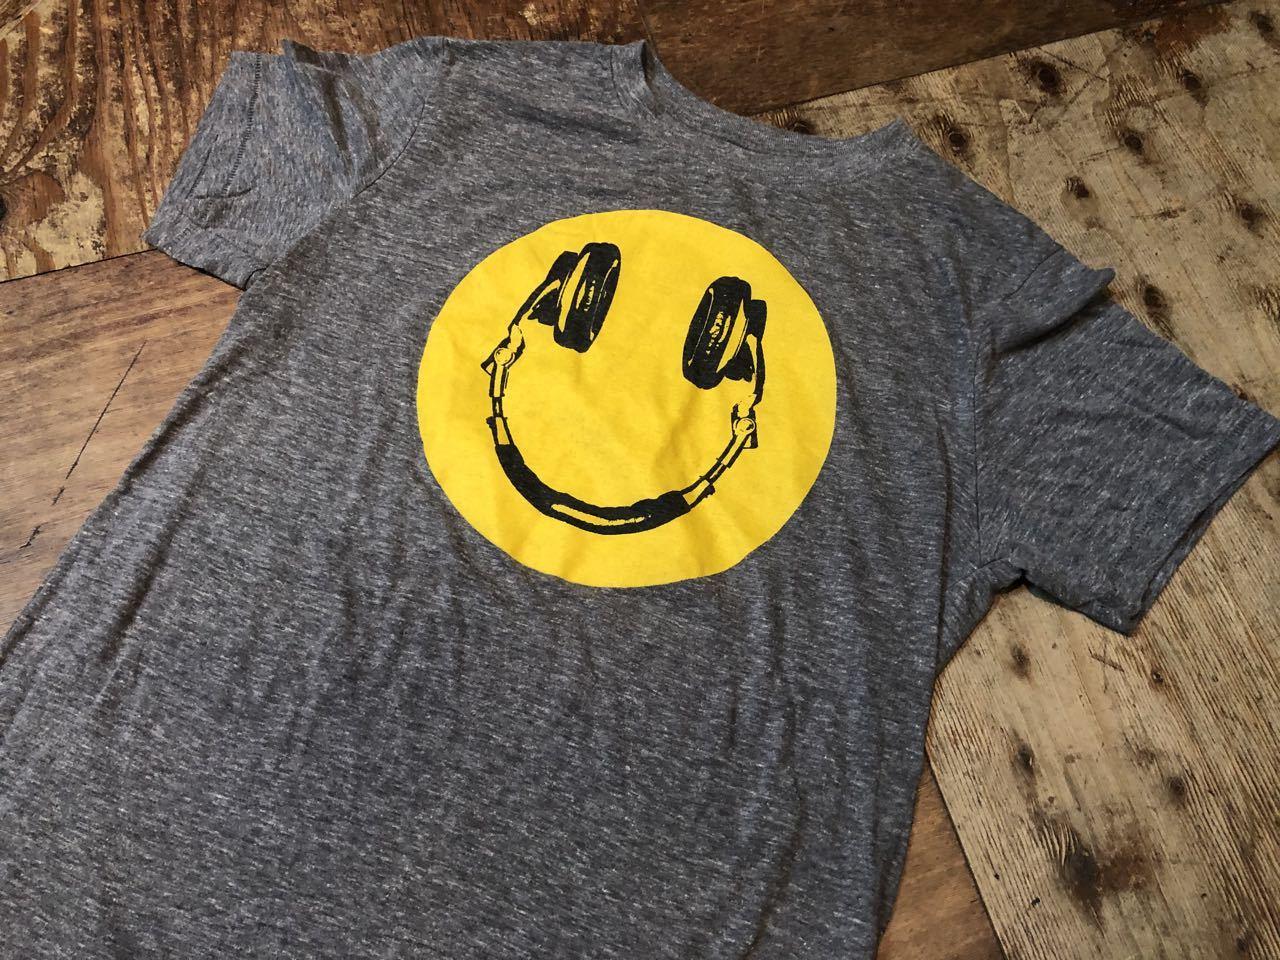 6月25日(木)入荷! smile スマイル ヘッドフォン Tシャツ!_c0144020_13200412.jpg